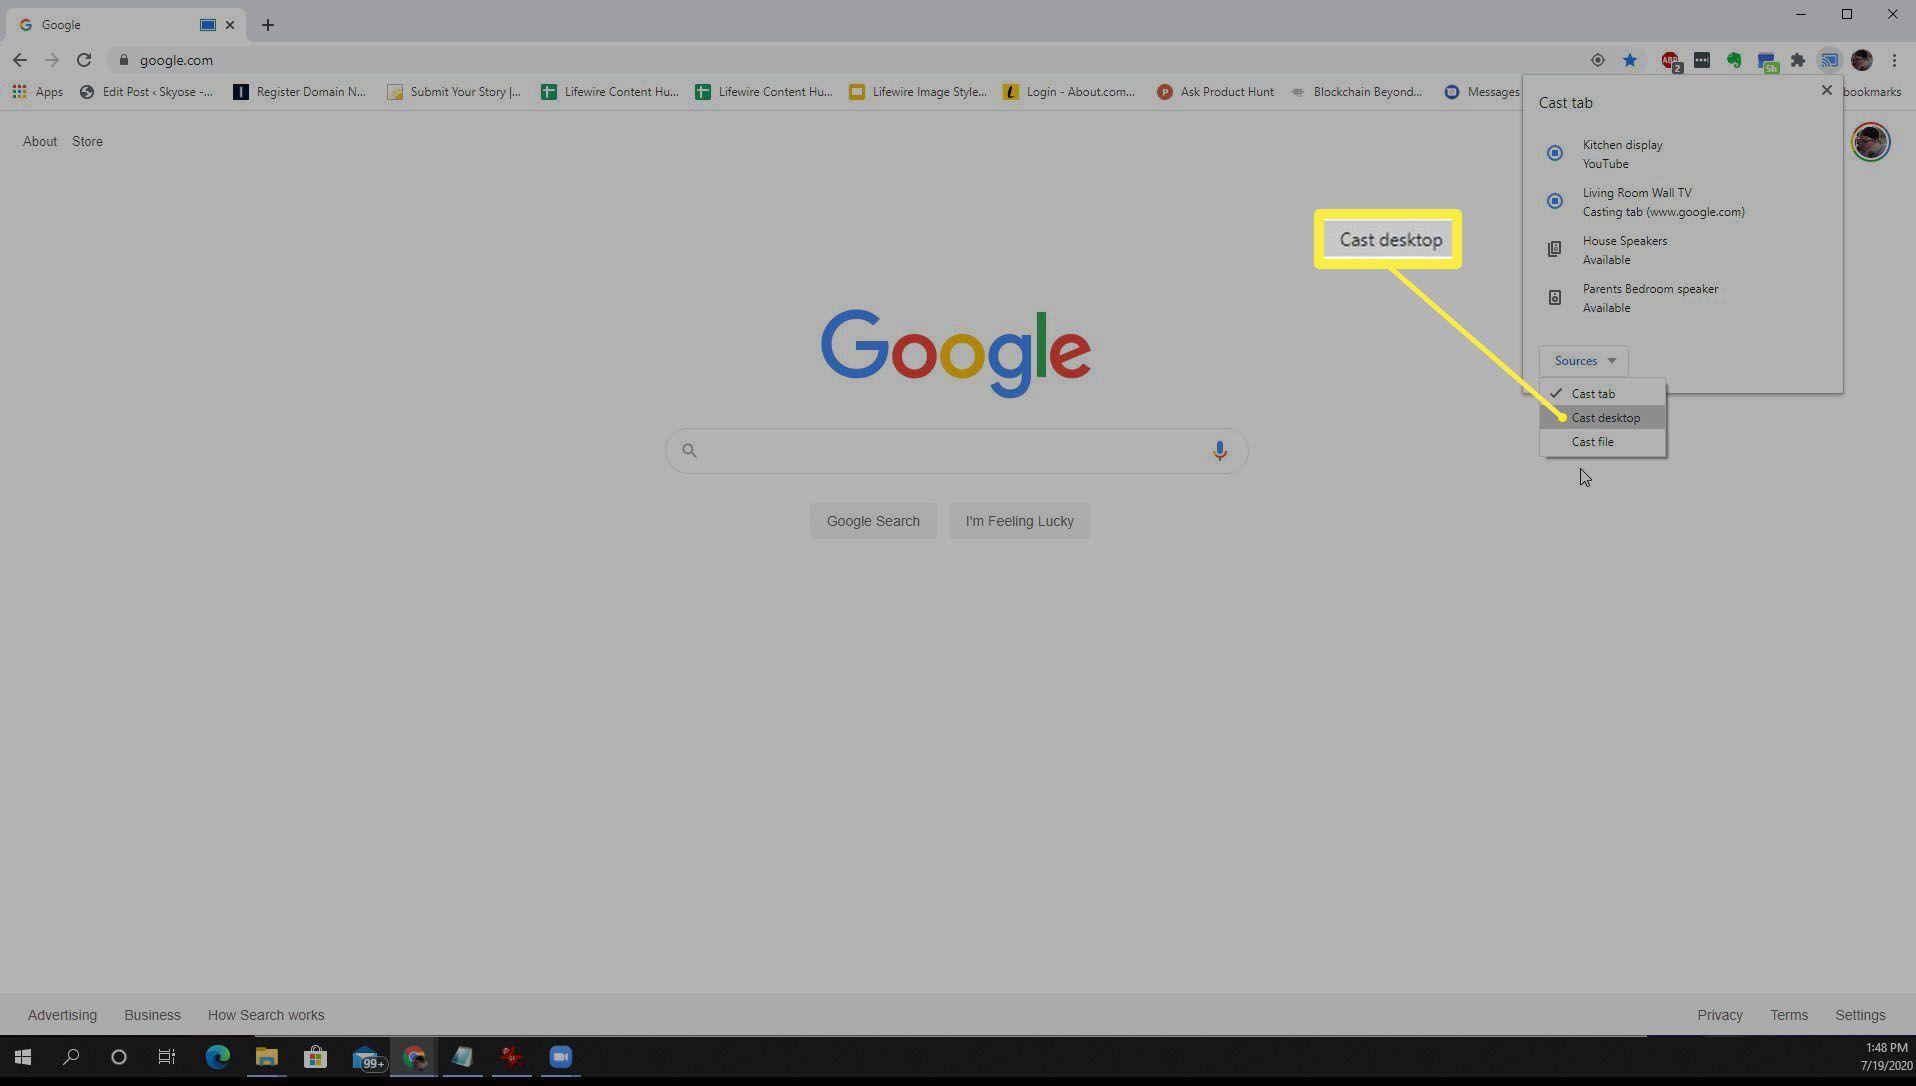 Screenshot of casting desktop with Chrome.